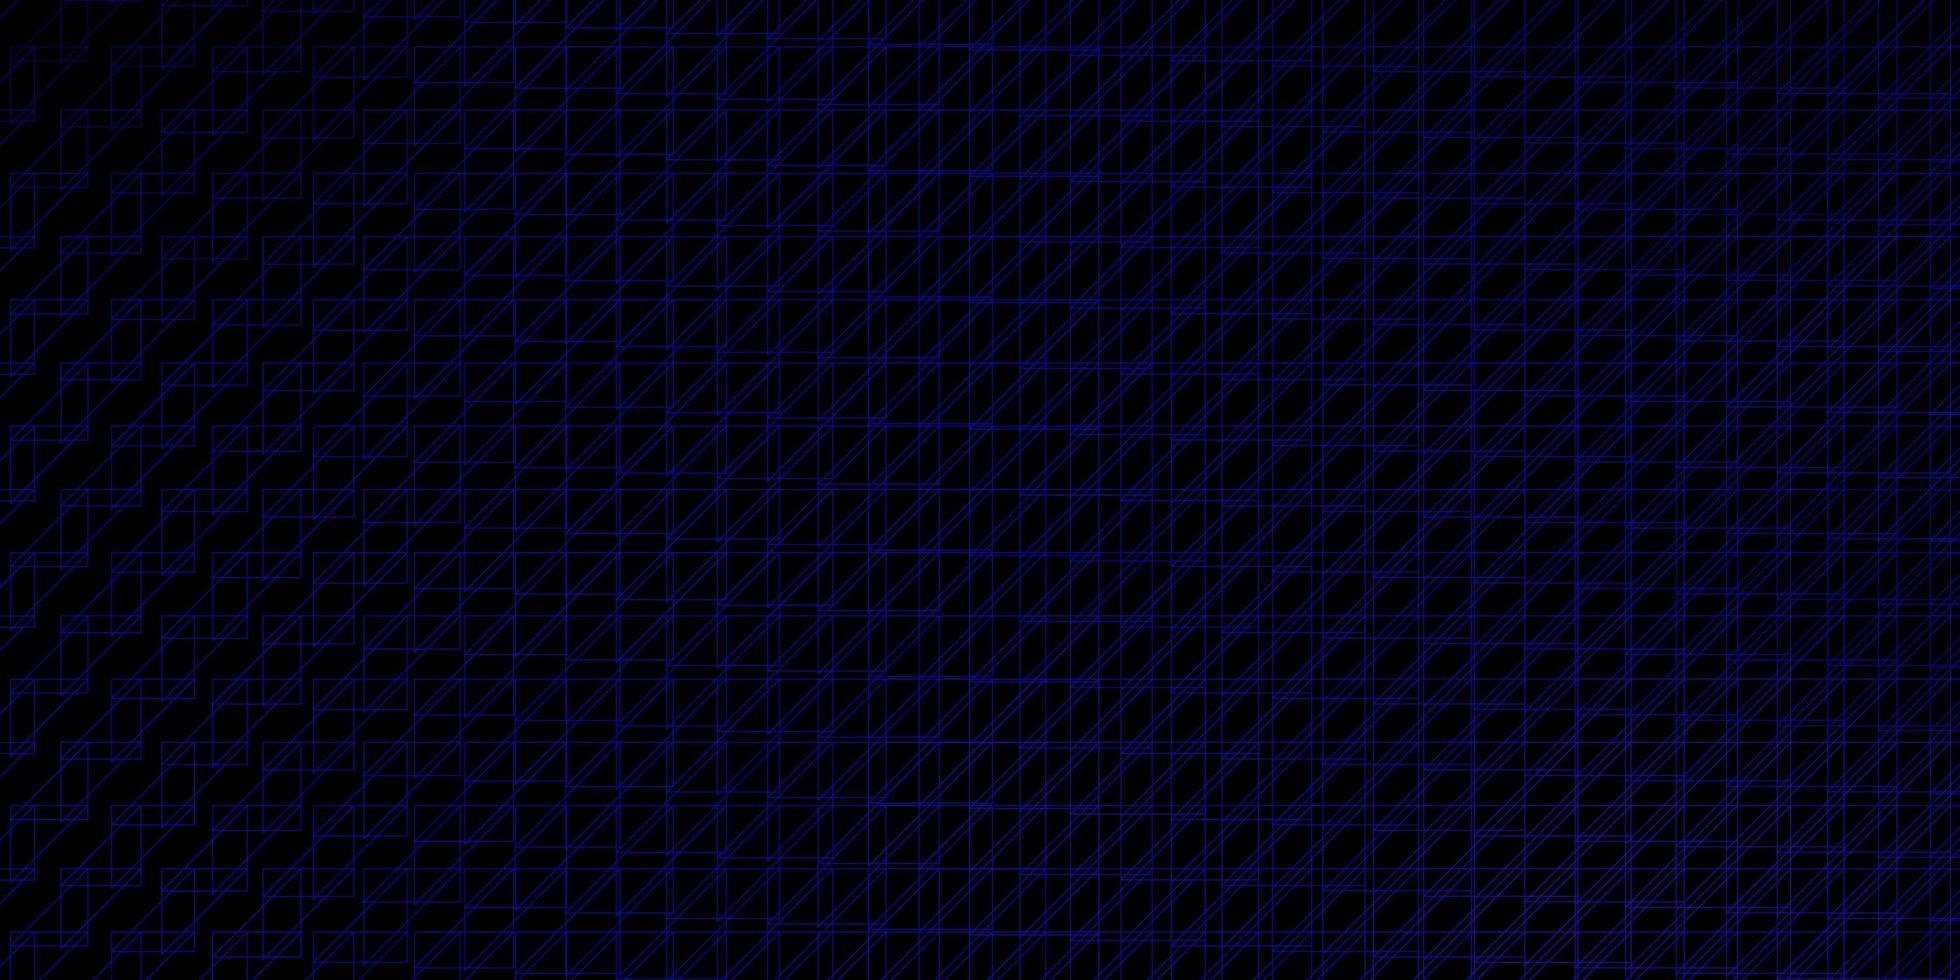 dunkelblaue Vektorschablone mit Linien. vektor